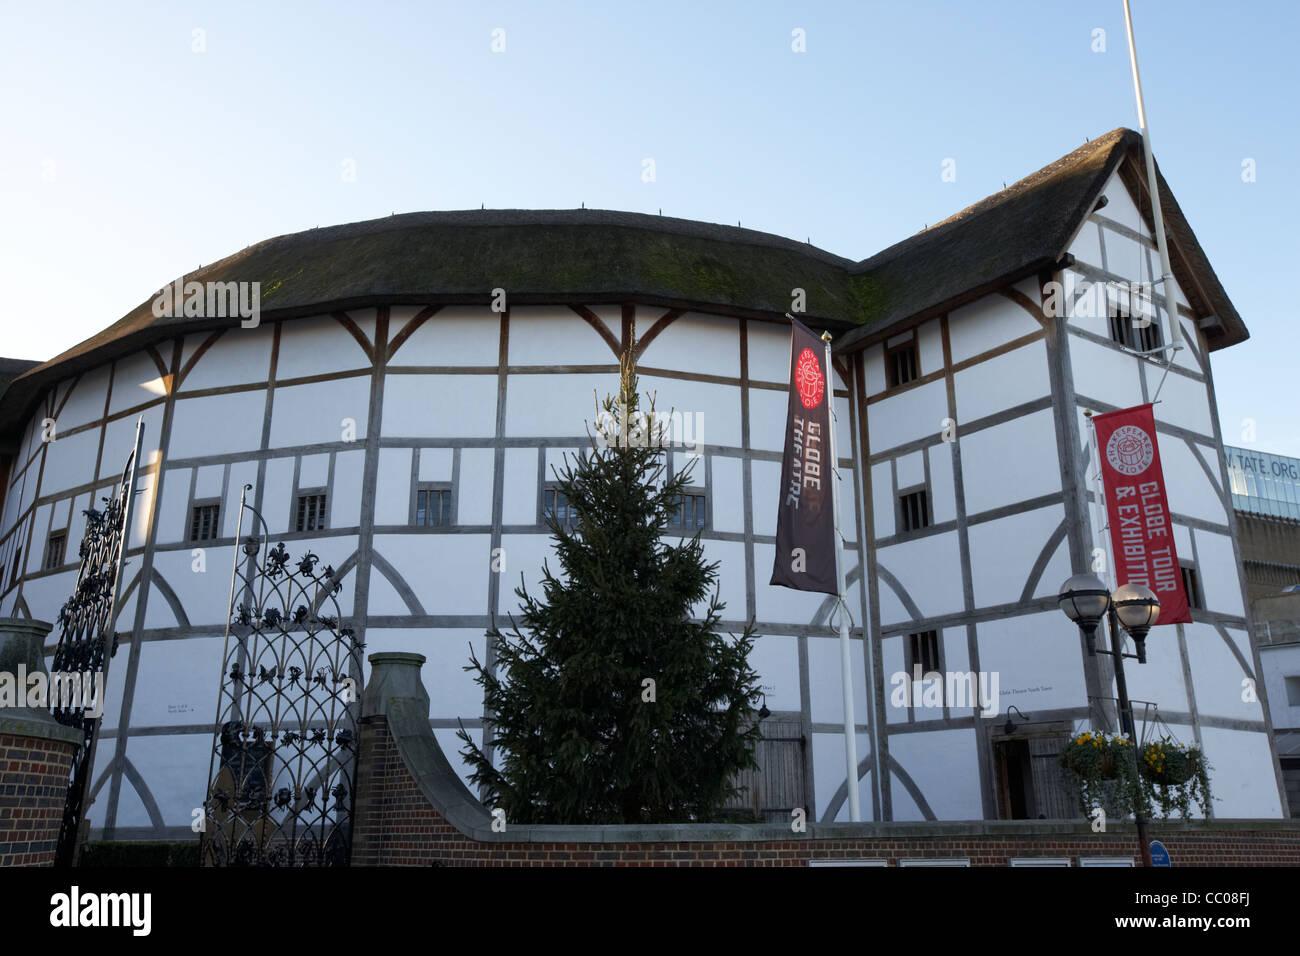 shakespeares globe theatre London England UK United kingdom - Stock Image